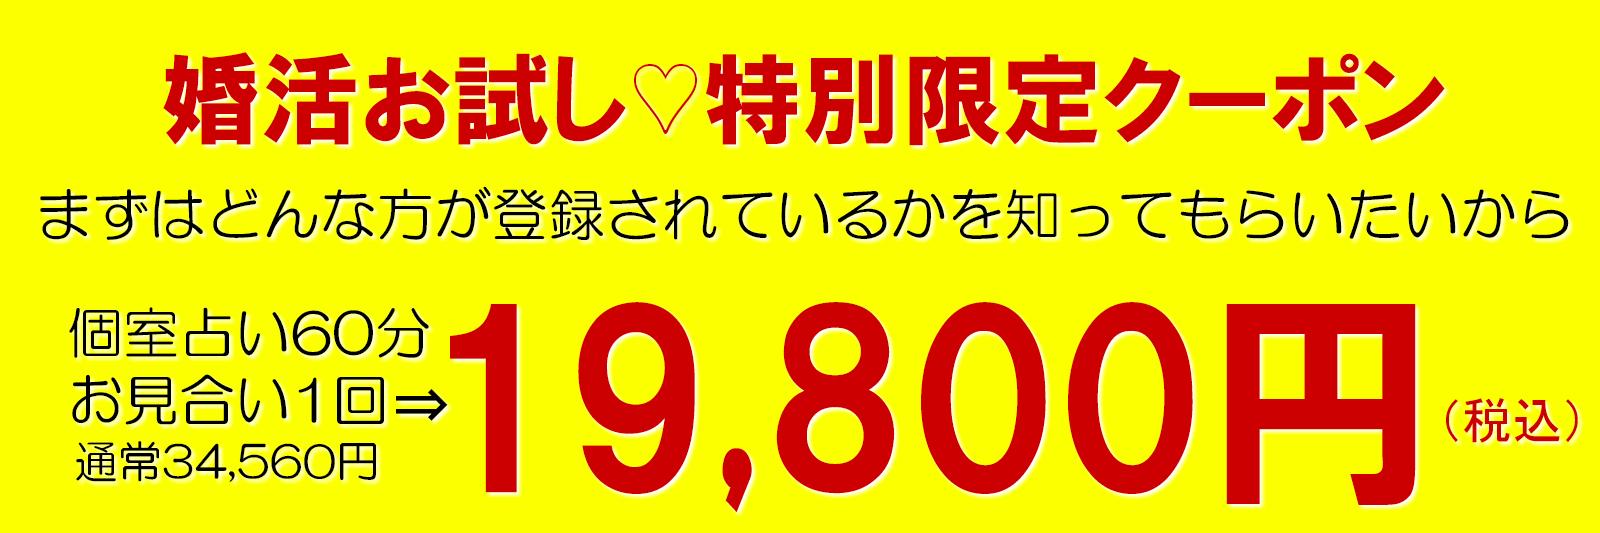 婚活東京なら【こじらせ男女】【草食系】【40代】も成婚しやすい相性婚活がおすすめ!